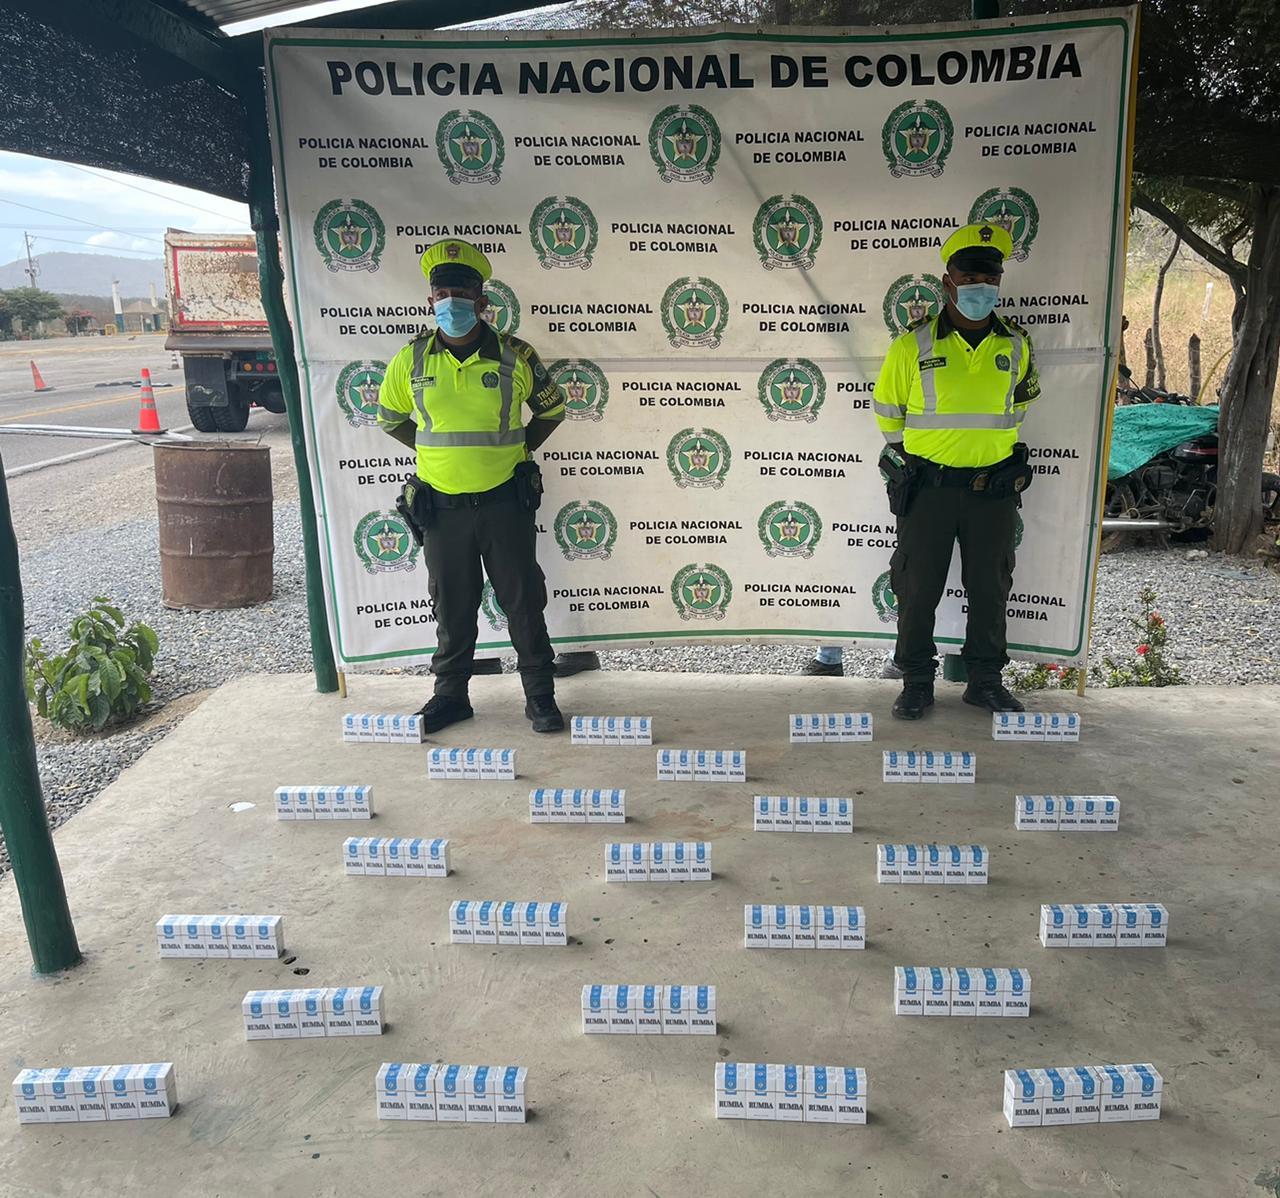 https://www.notasrosas.com/Capturan hombre por Fuga de Presos, incautan mercancía e inmovilizan vehículo por Orden Judicial